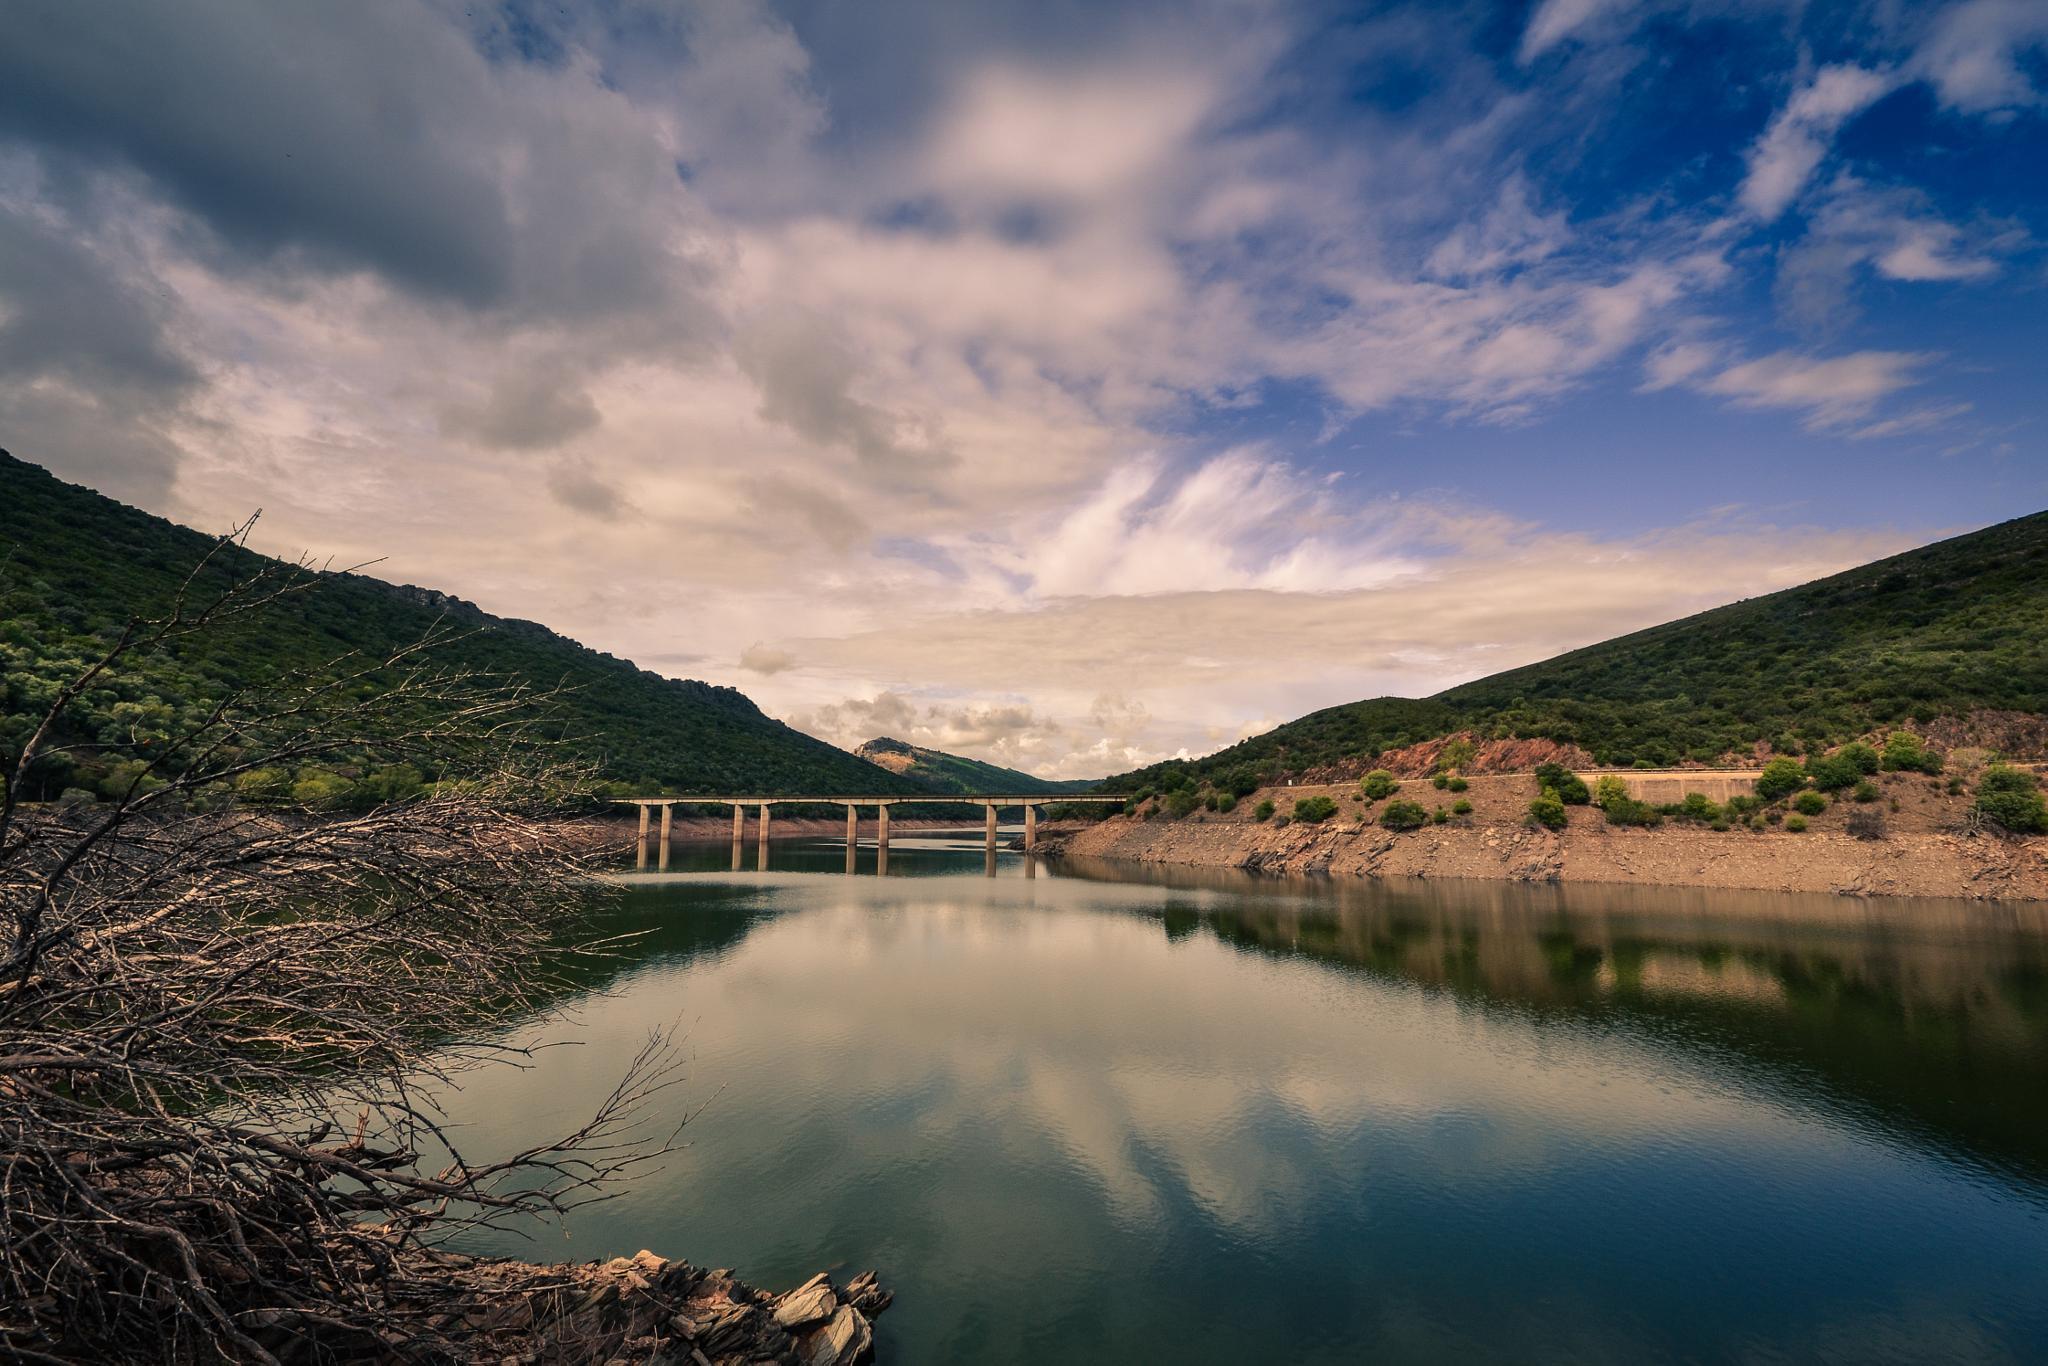 Monfragüe bridge by darkinferno